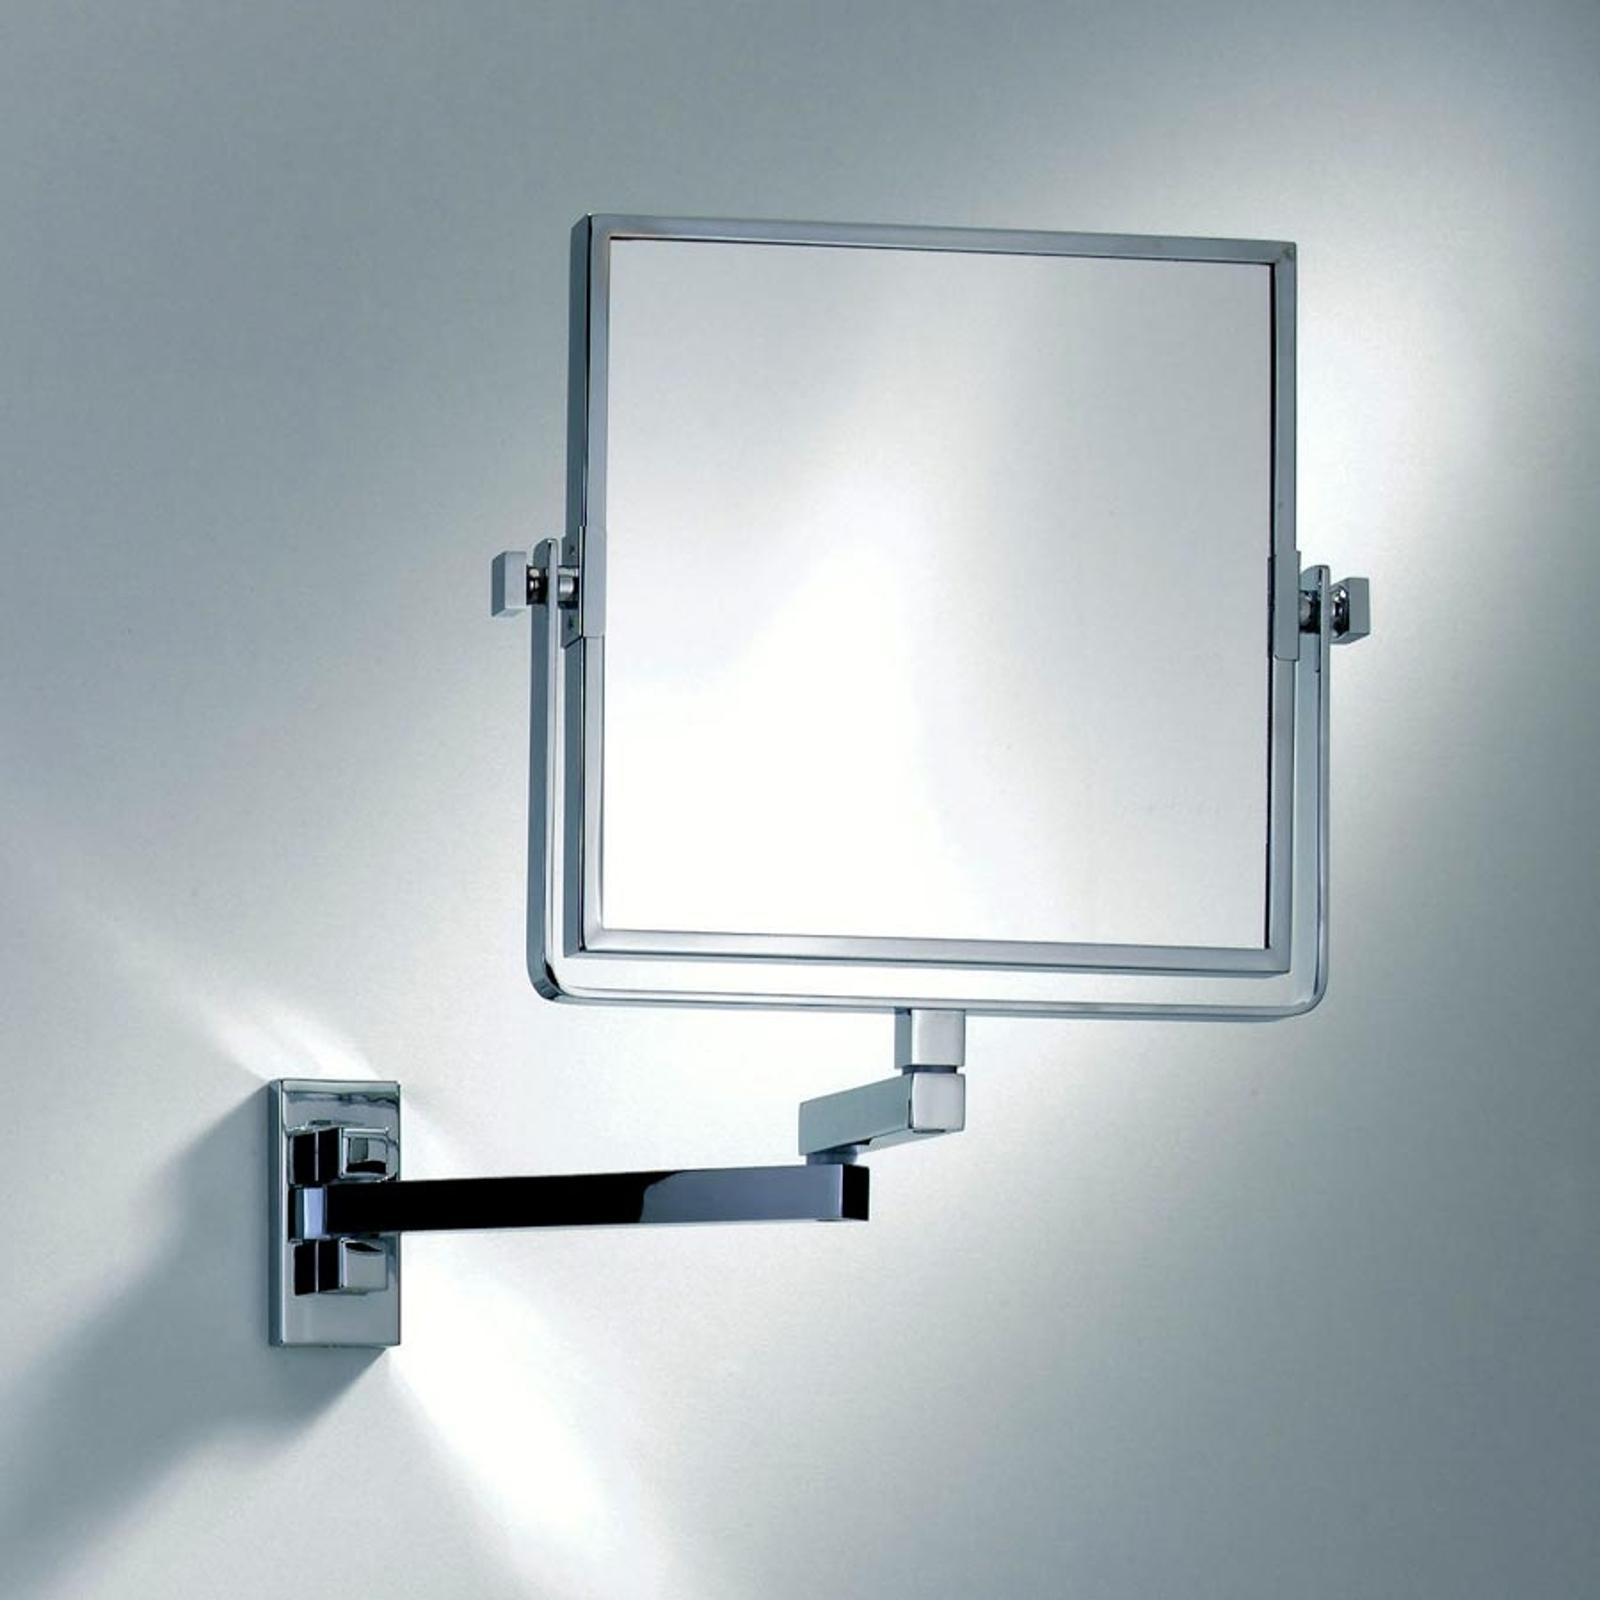 Moderno espejo cosmético de pared EDGE